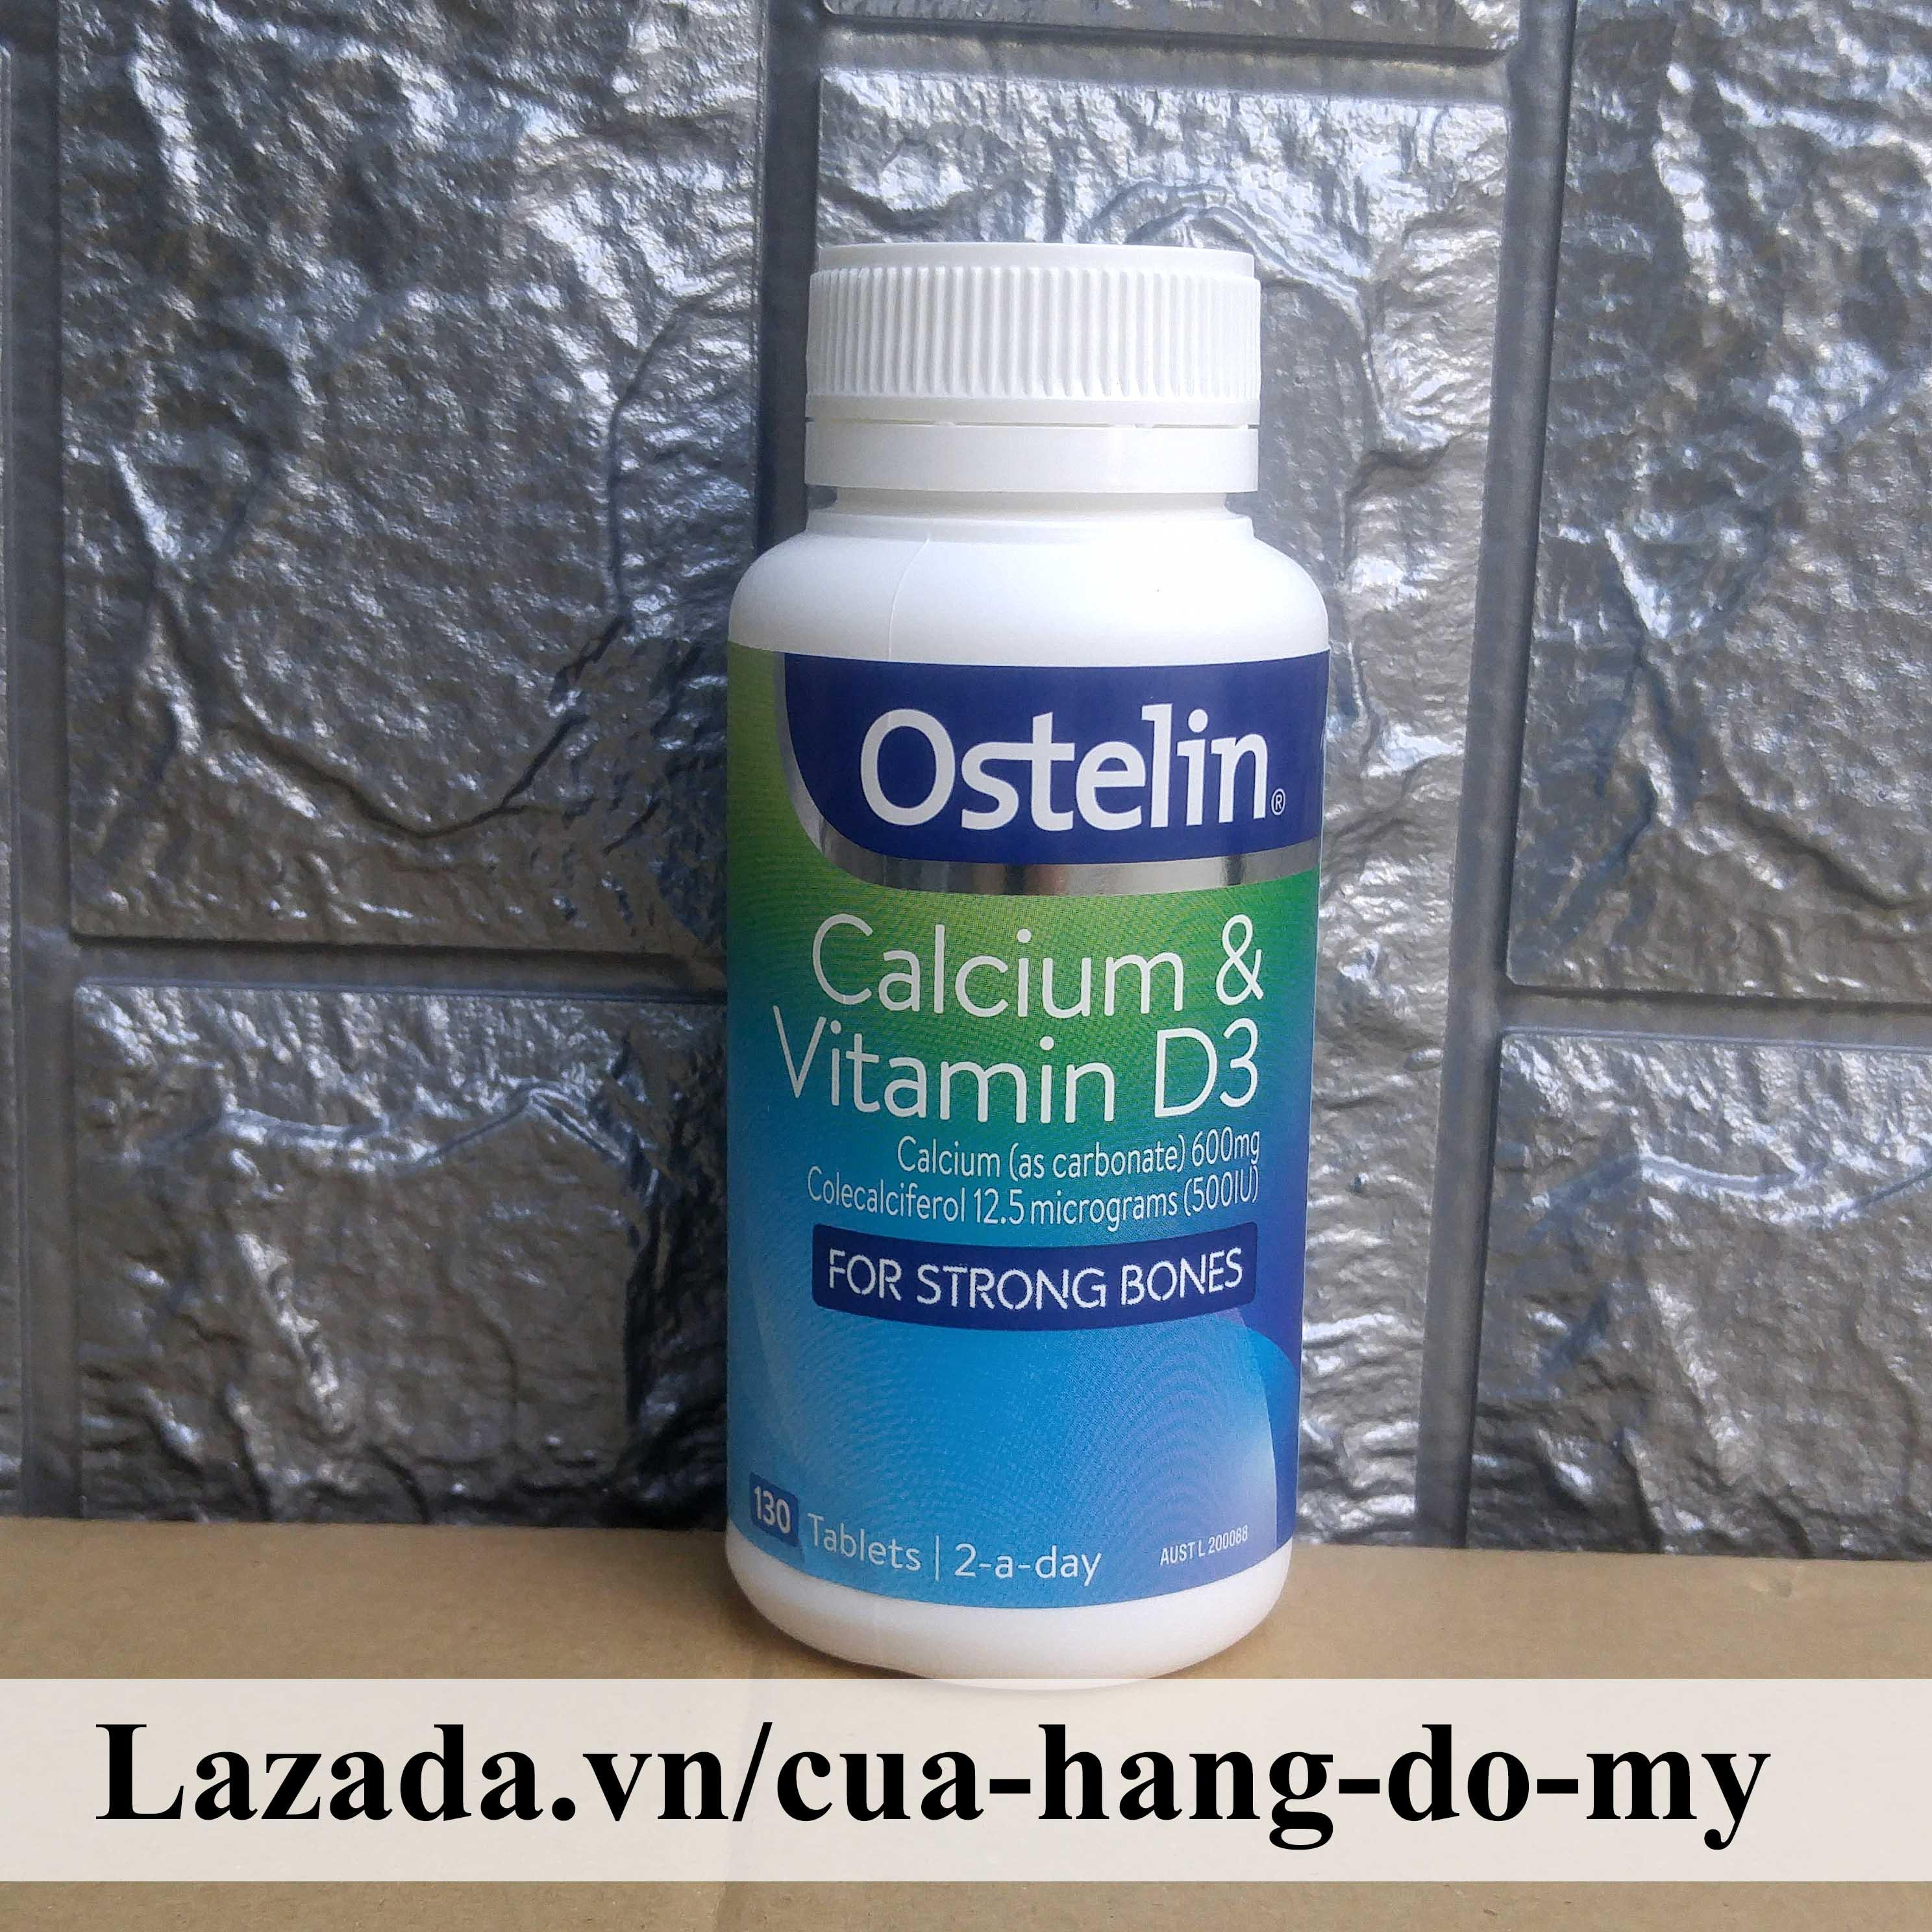 Viên uống Ostelin Canxi Calcium & Vitamin D3 Của Úc 130 viên - Ostelin Bổ sung canxi ngừa loãng xương cao cấp